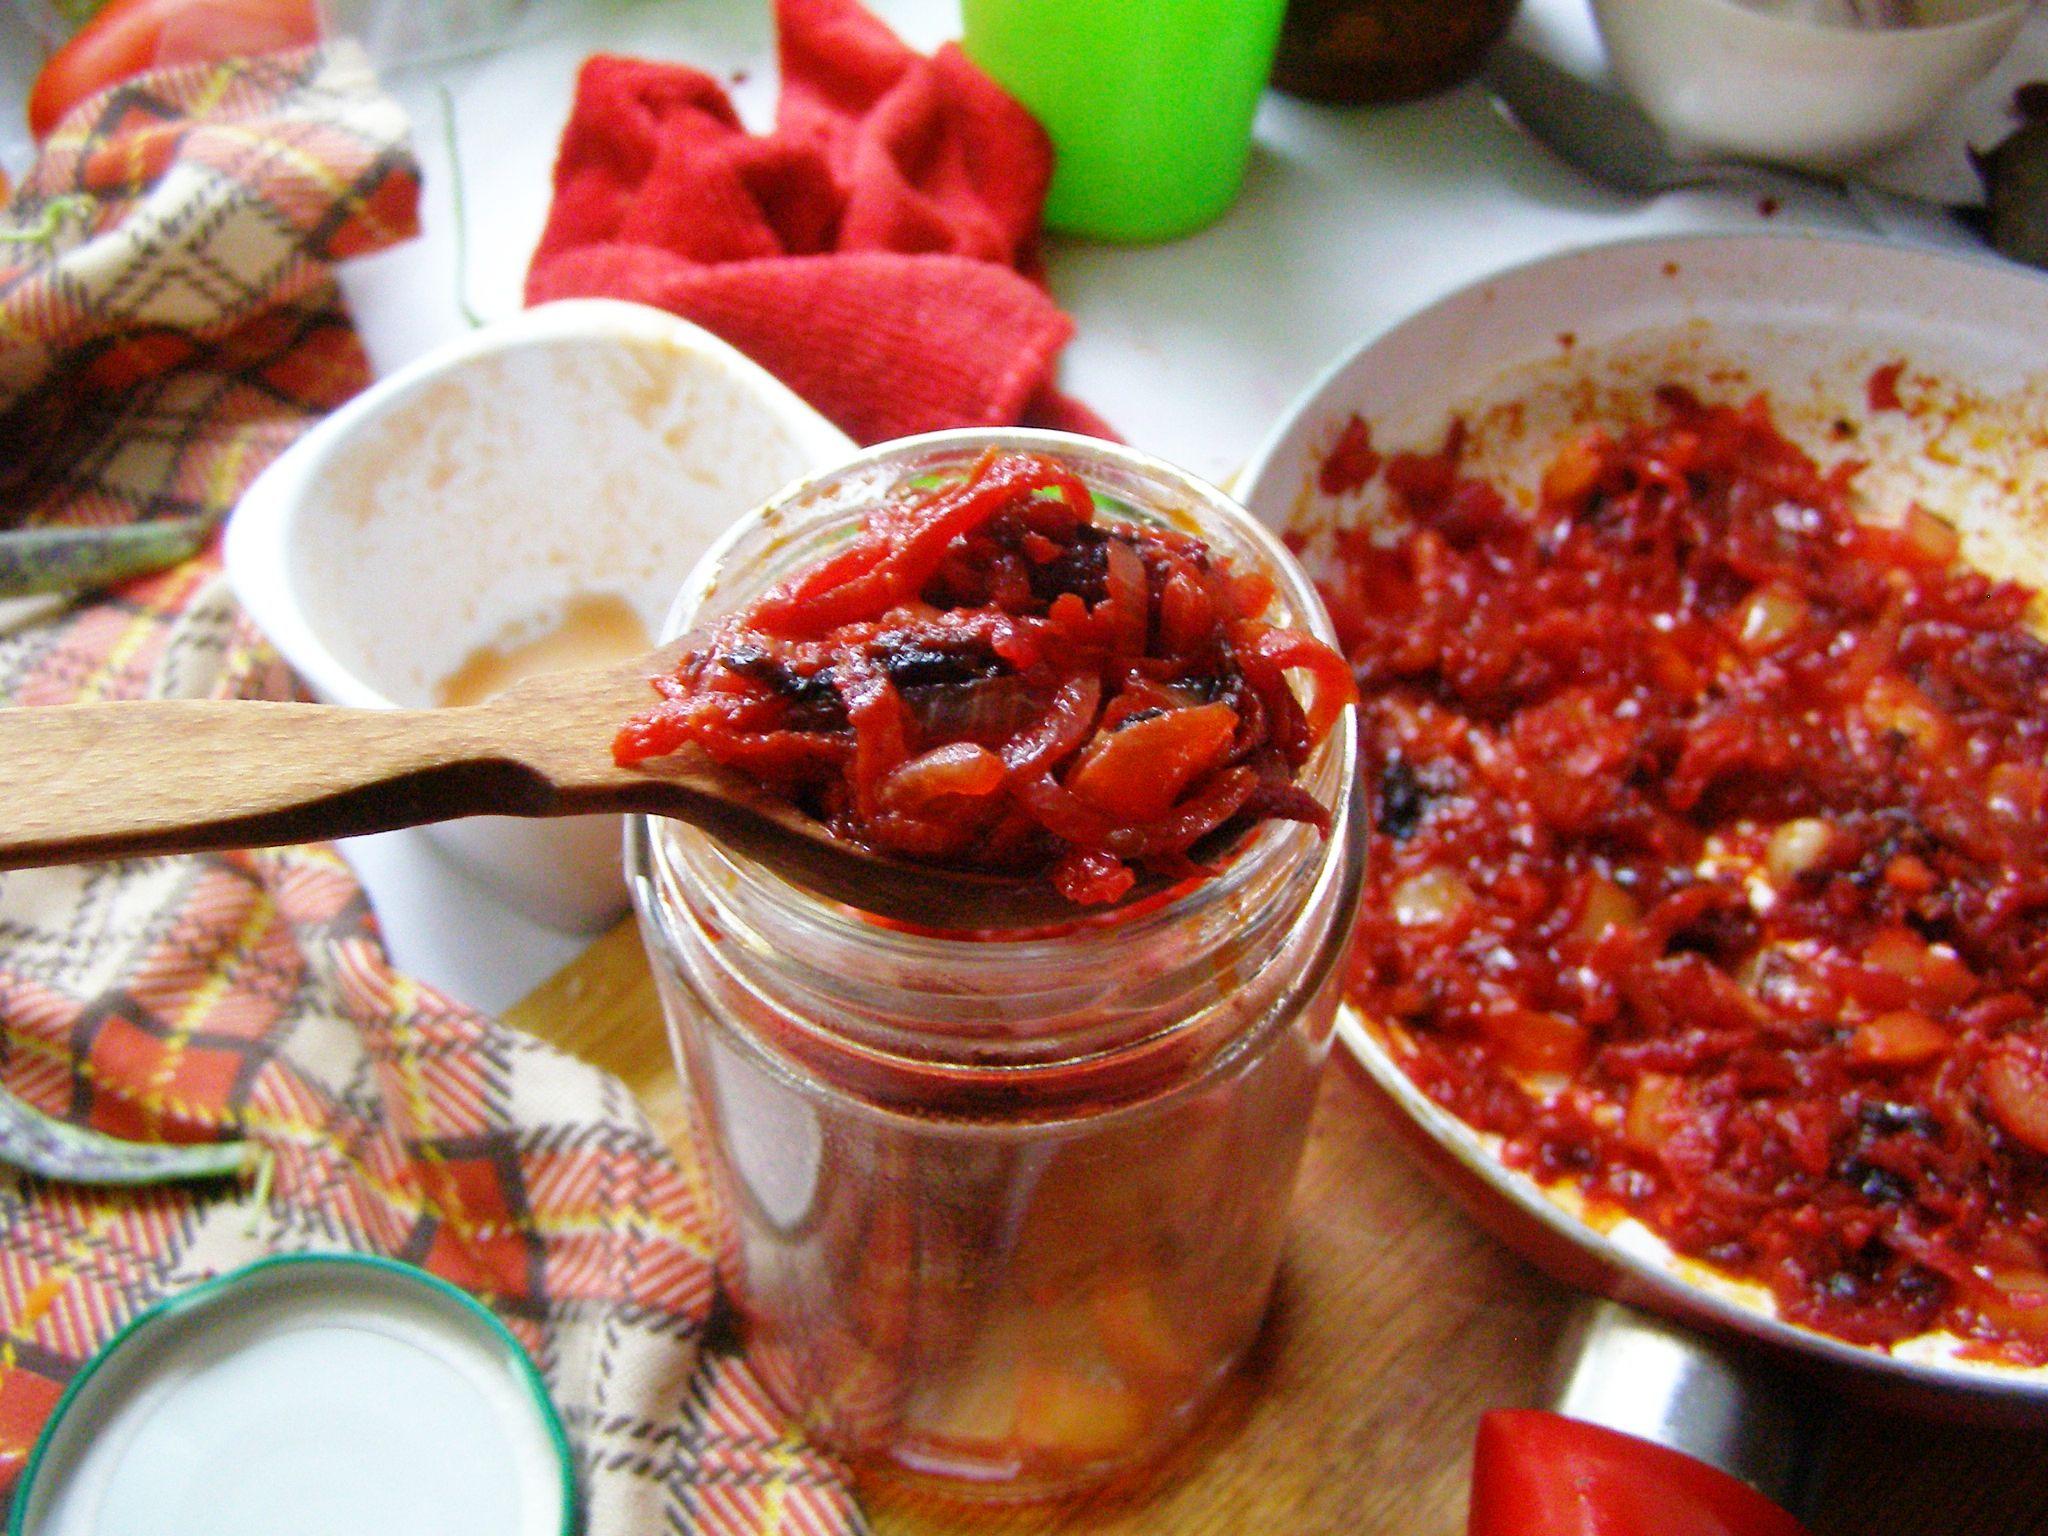 Борщ без свеклы и мяса рецепт пошаговый